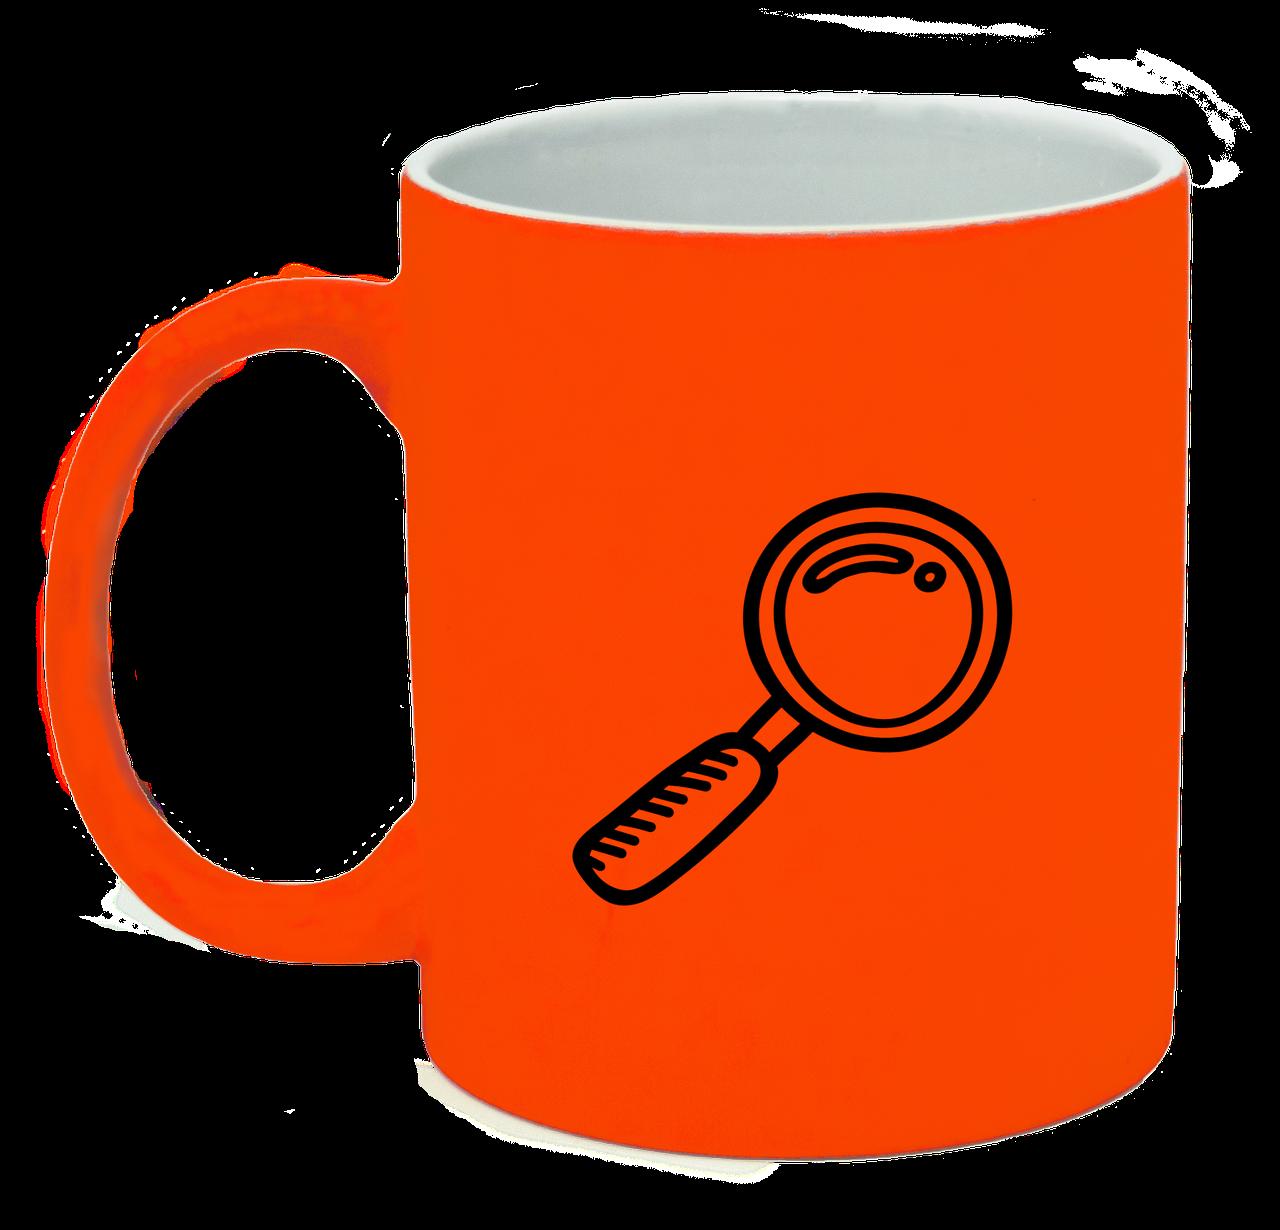 Неоновая матовая чашка Исследователь, ярко-оранжевая